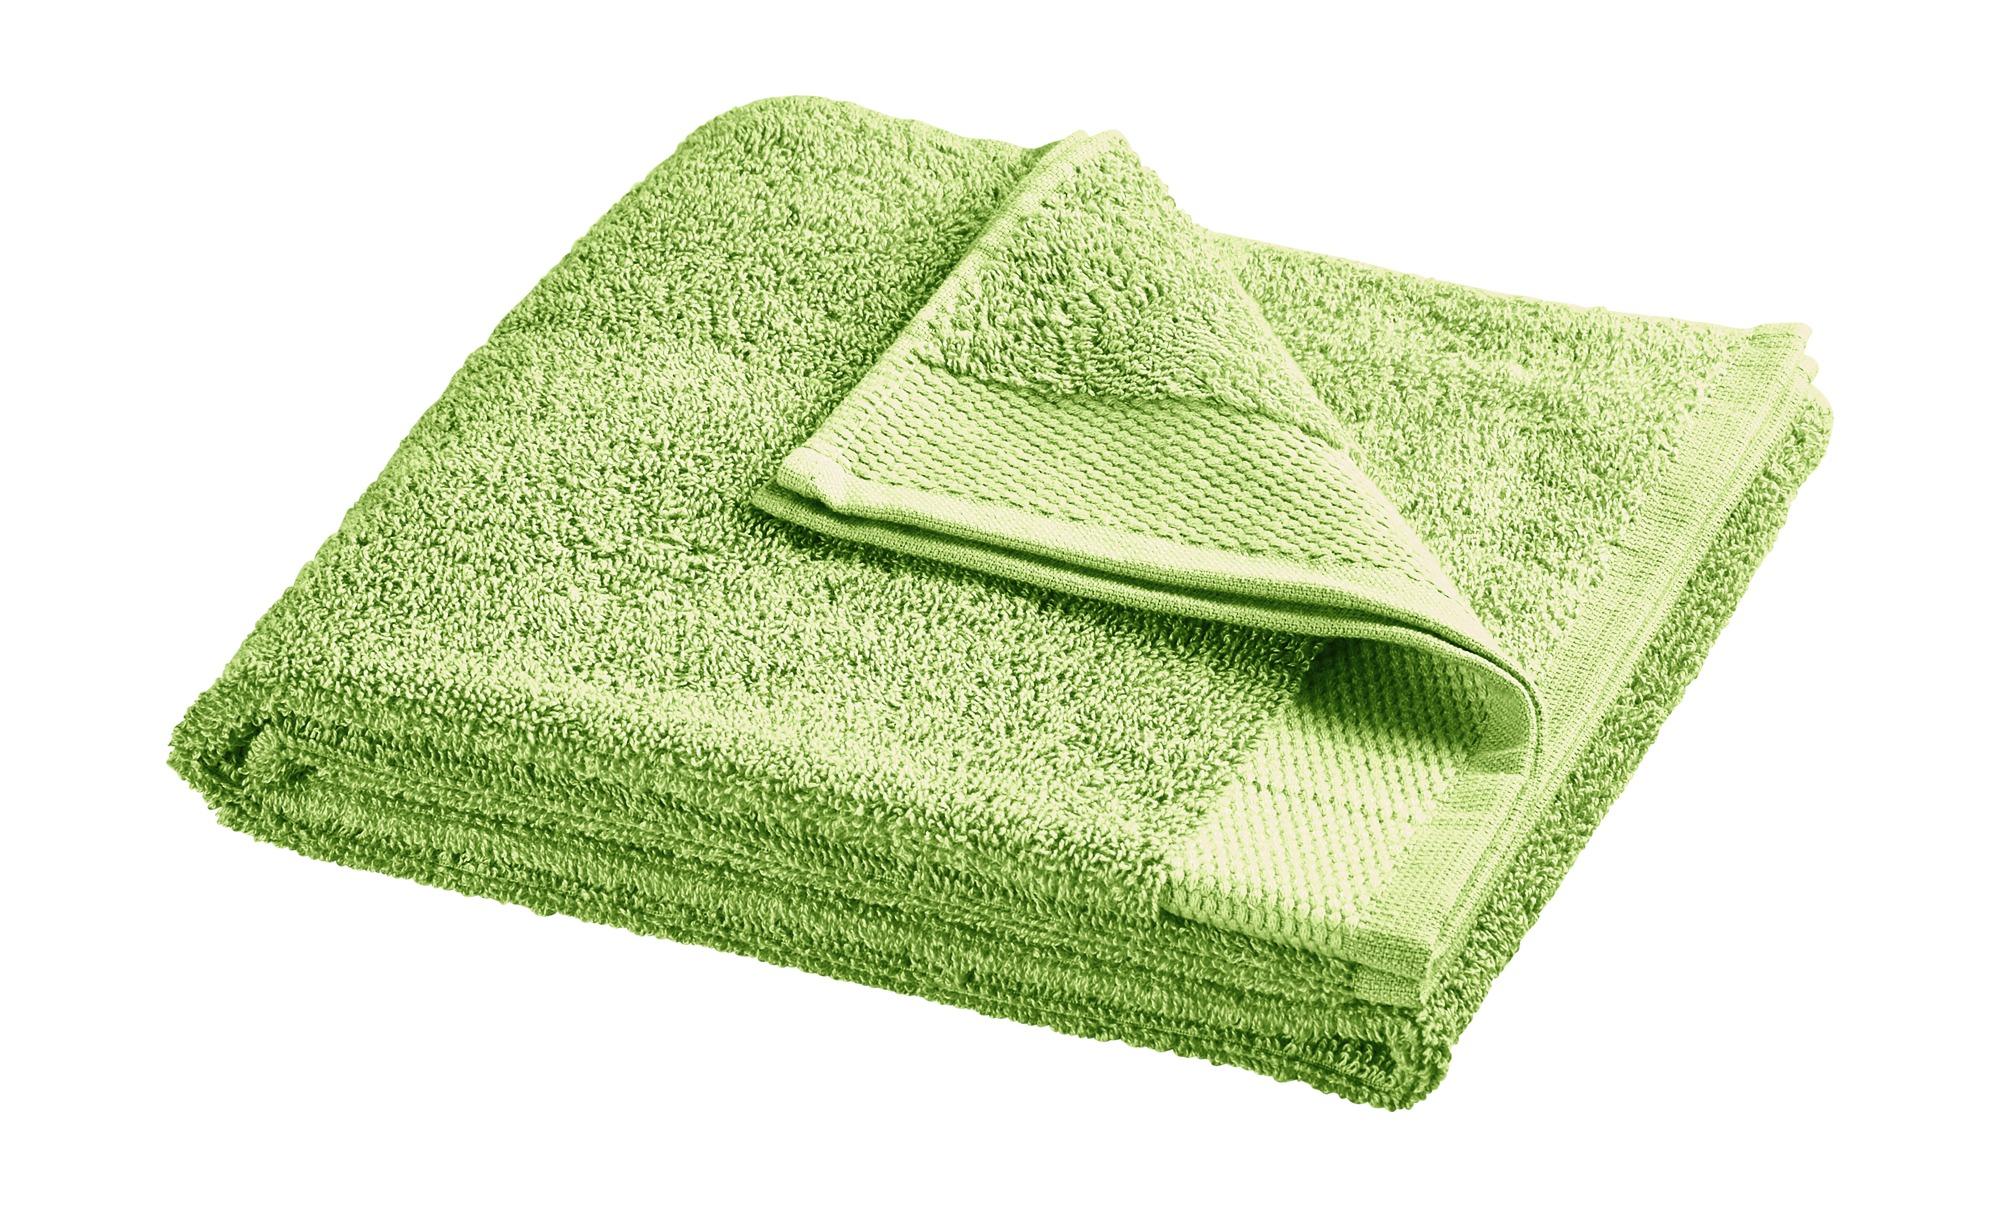 HOME STORY Handtuch  Bubble ¦ grün ¦ reine Baumwolle (100% Baumwolle) ¦ Maße (cm): B: 50 Badtextilien und Zubehör > Handtücher & Badetücher > Handtücher - Höffner